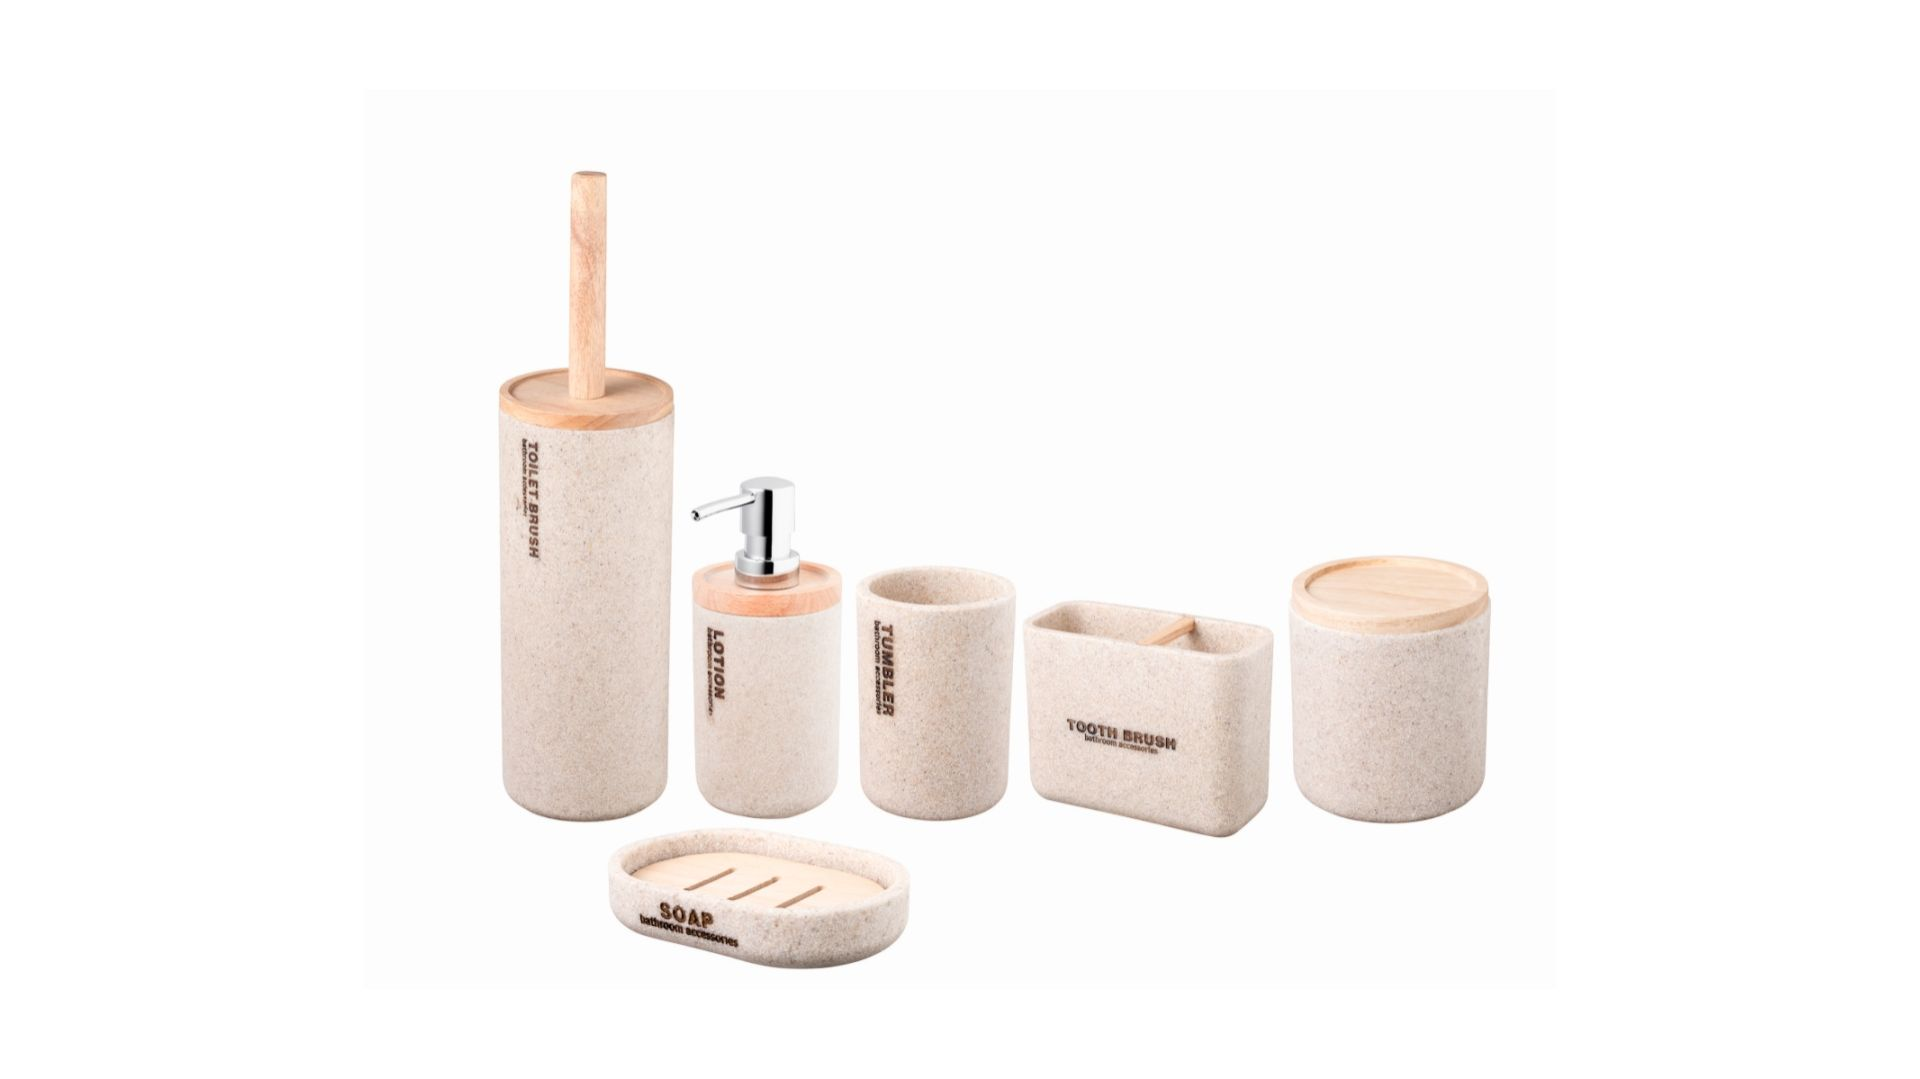 Kolekcja Dakar/Bisk. Produkt zgłoszony do konkursu Dobry Design 2019.